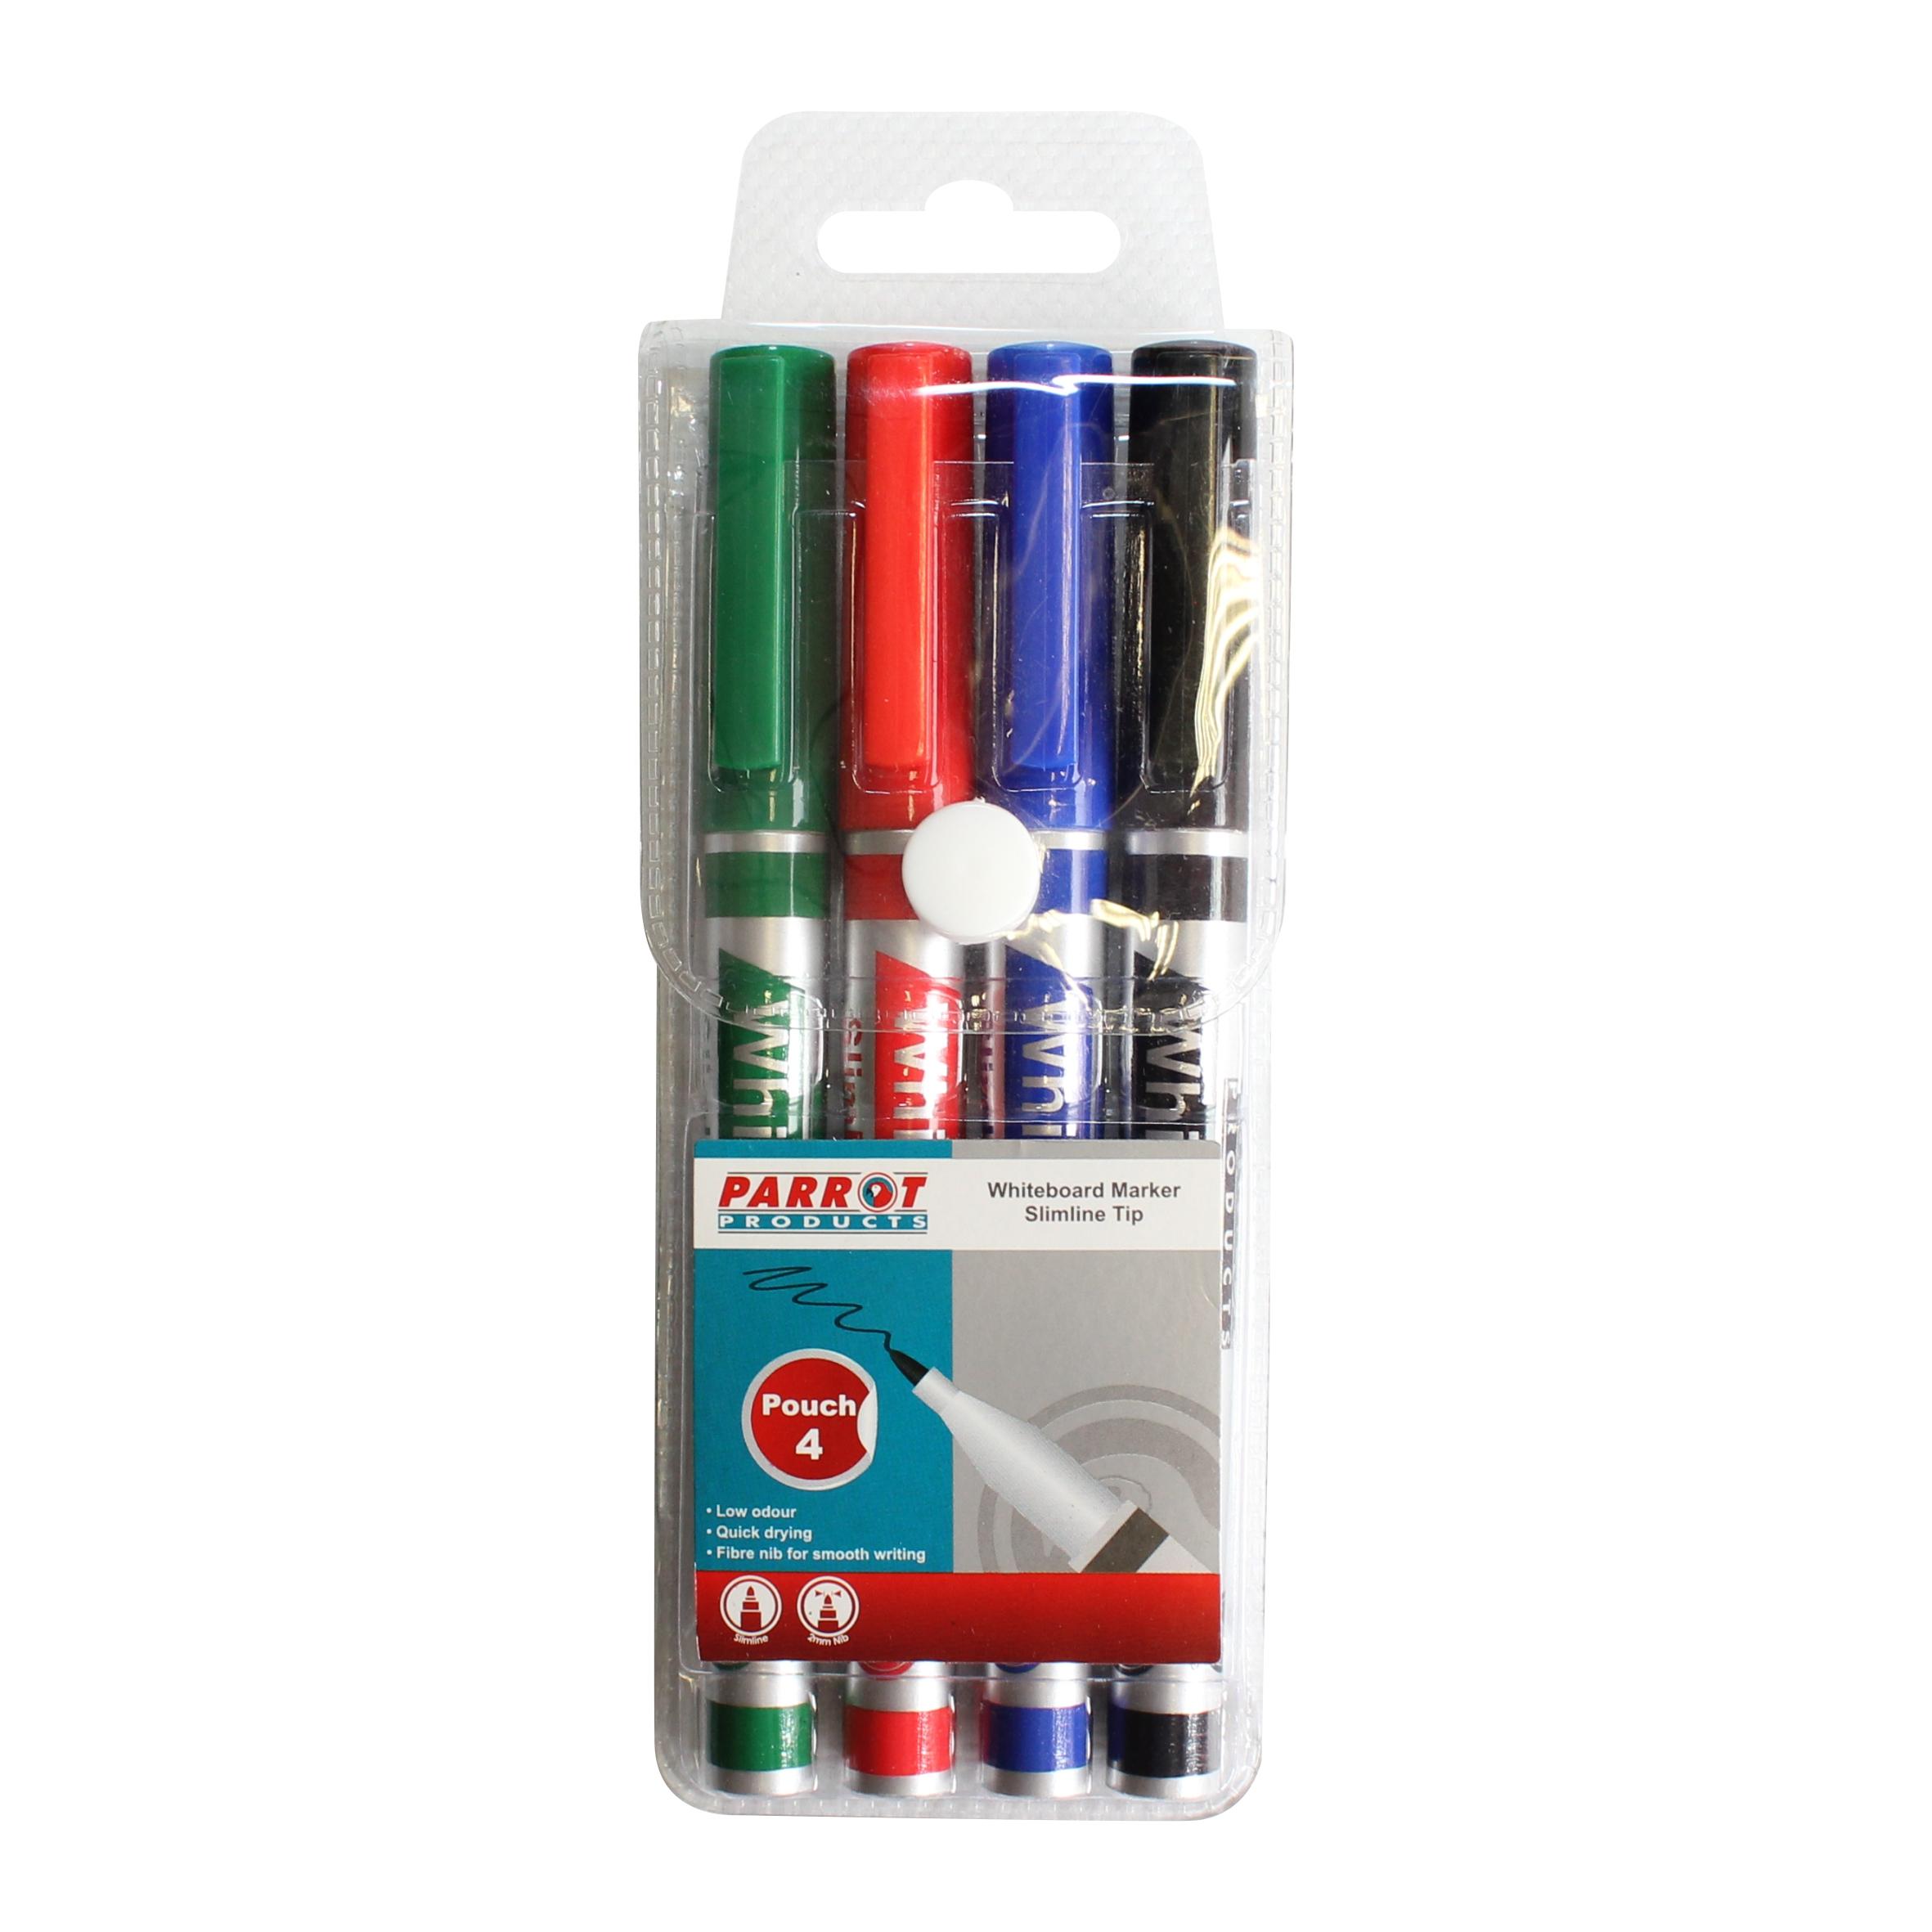 Whiteboard Marker (Slimline Tip - Pouch 4)